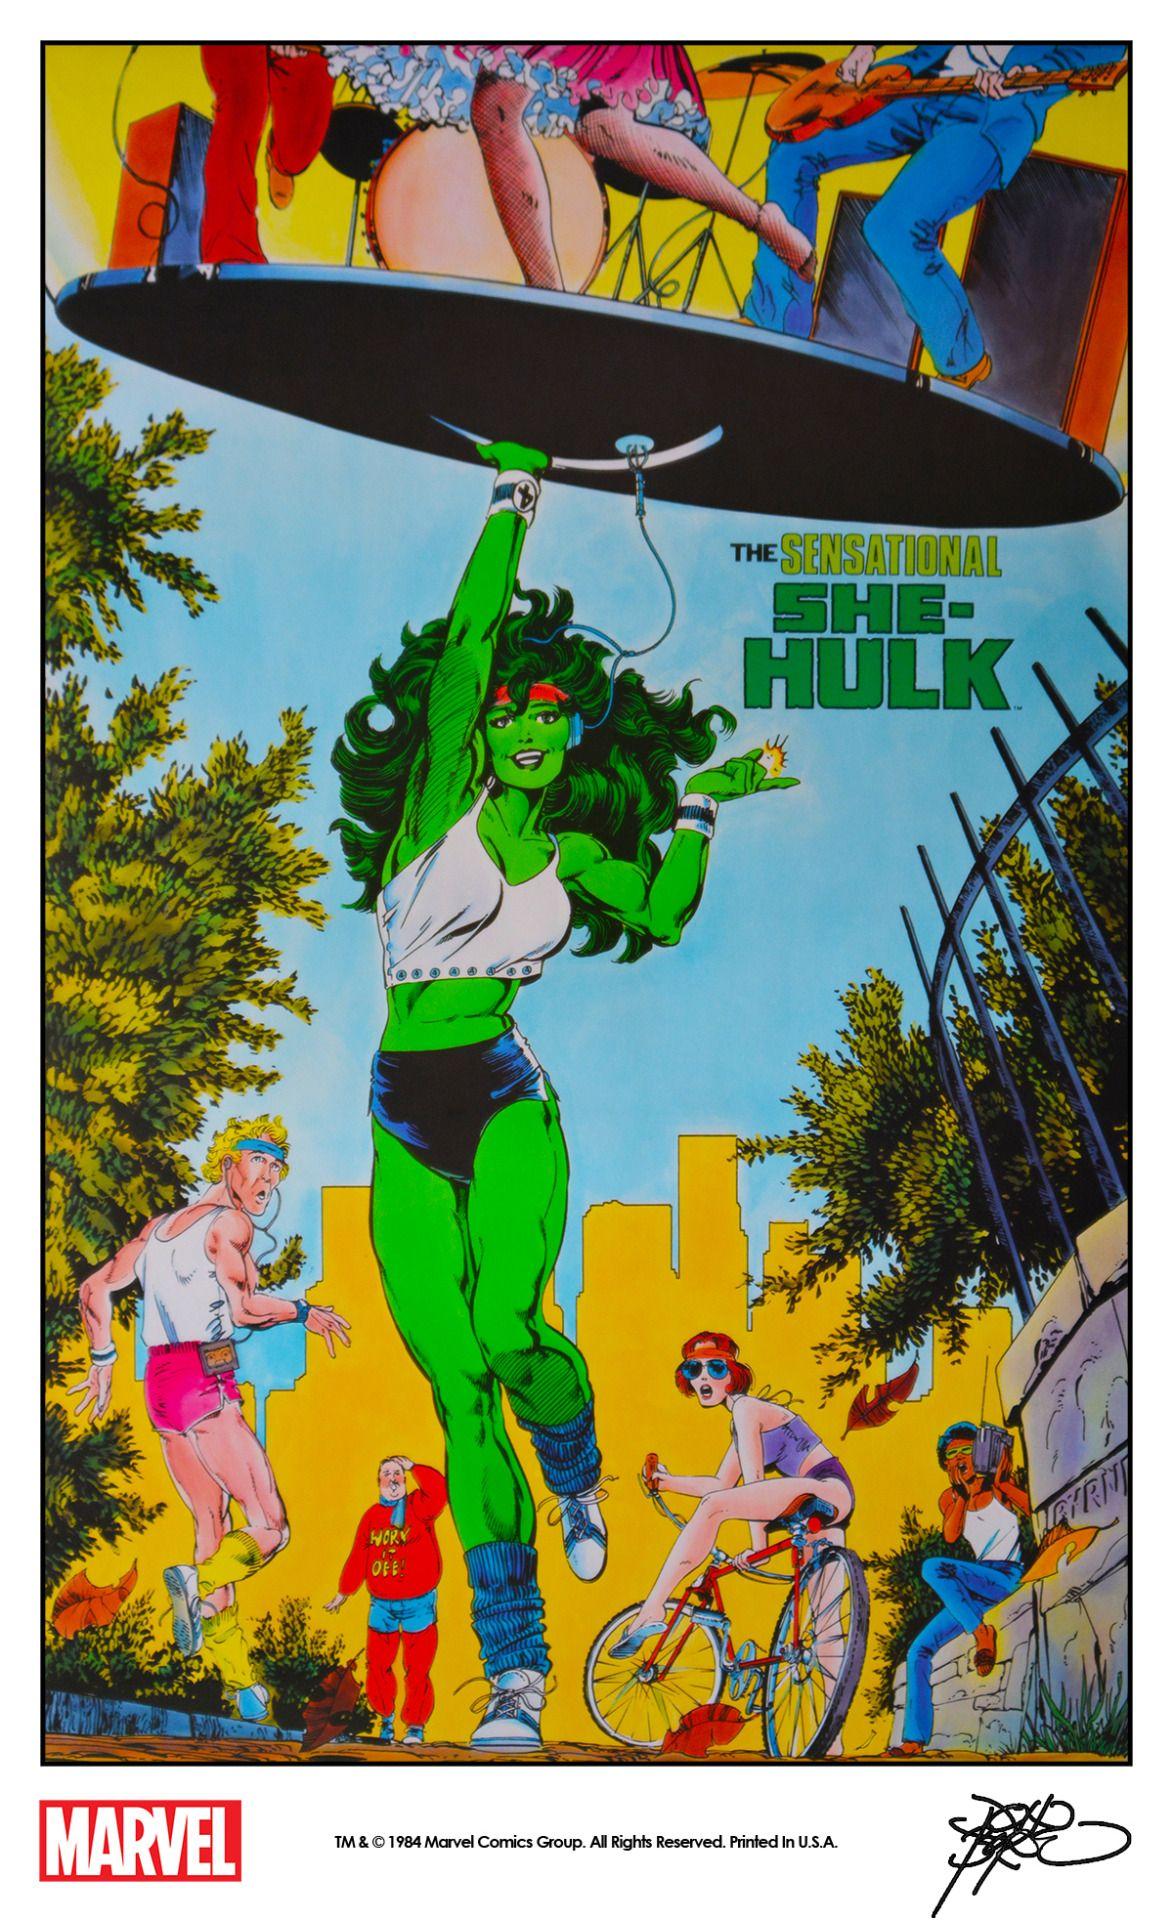 The Sensational She-Hulk poster by John Byrne (1984) | She-Hulk ...